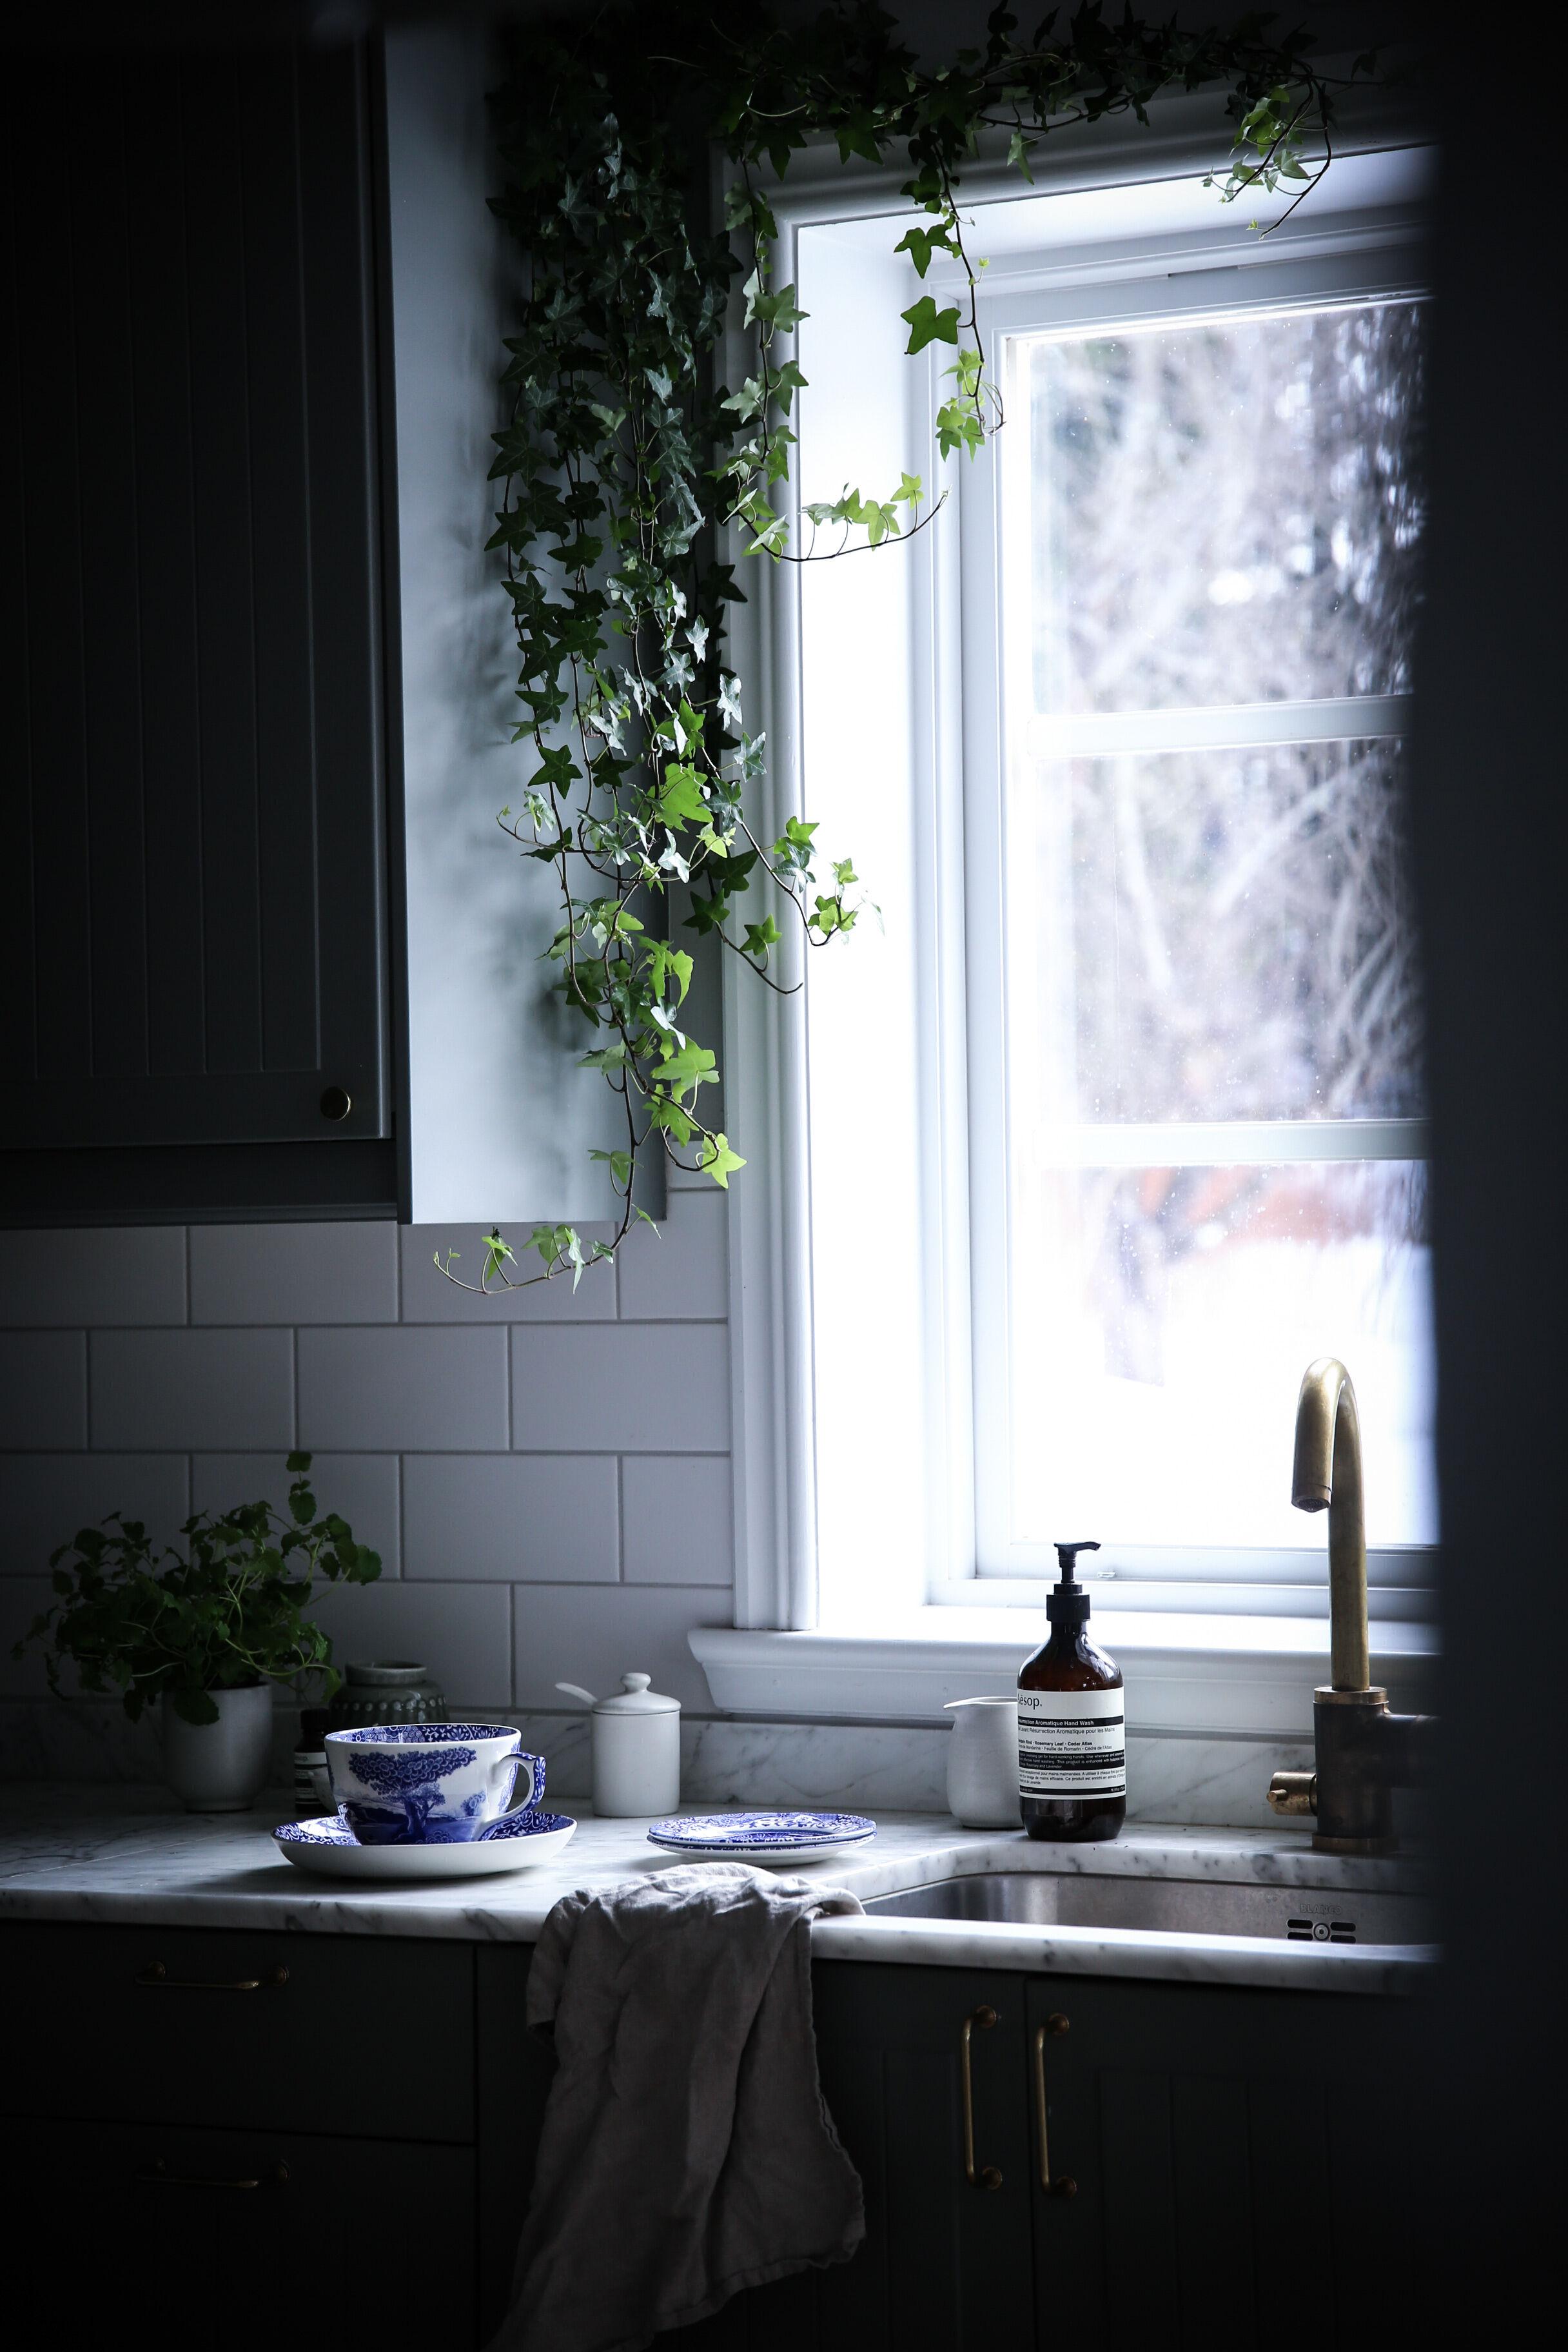 klättrande växter inomhus